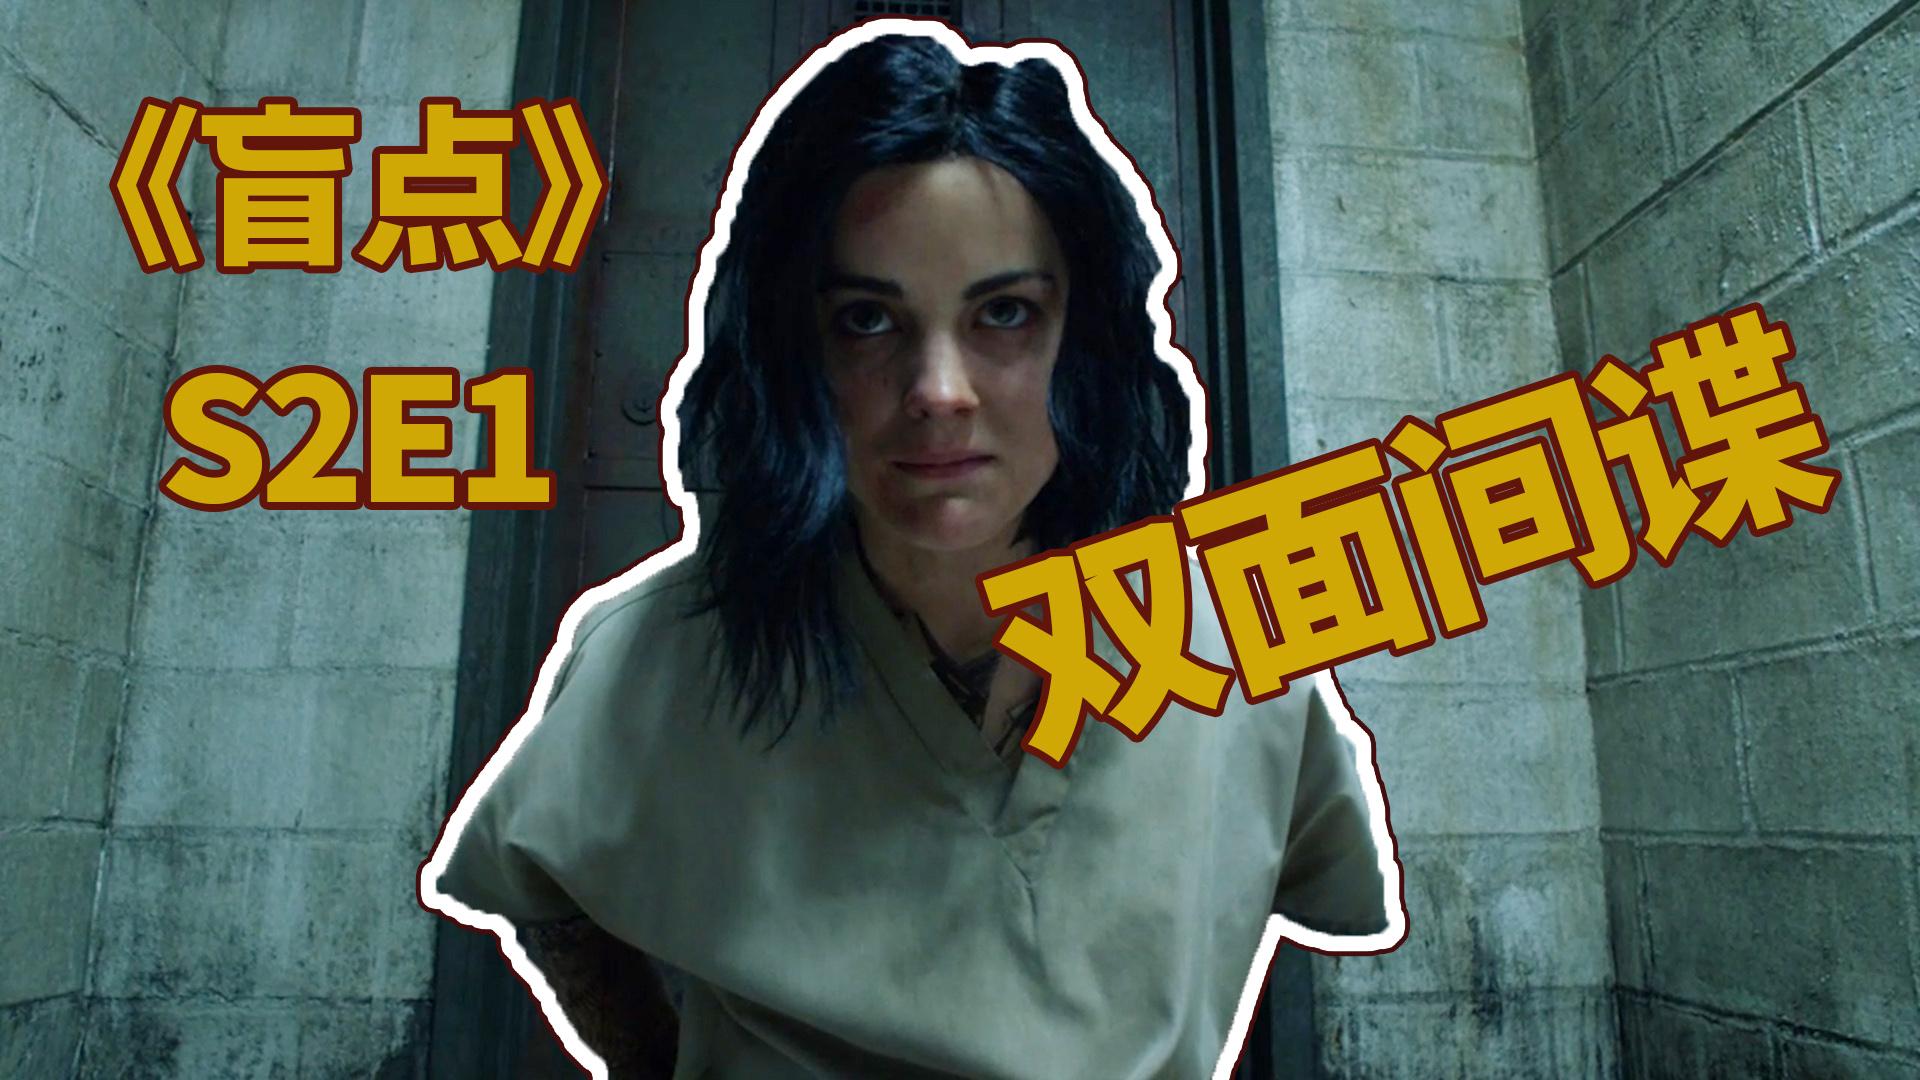 盲点2-1,纹身女在黑牢被虐3个月,逃出升天后成为双面间谍!